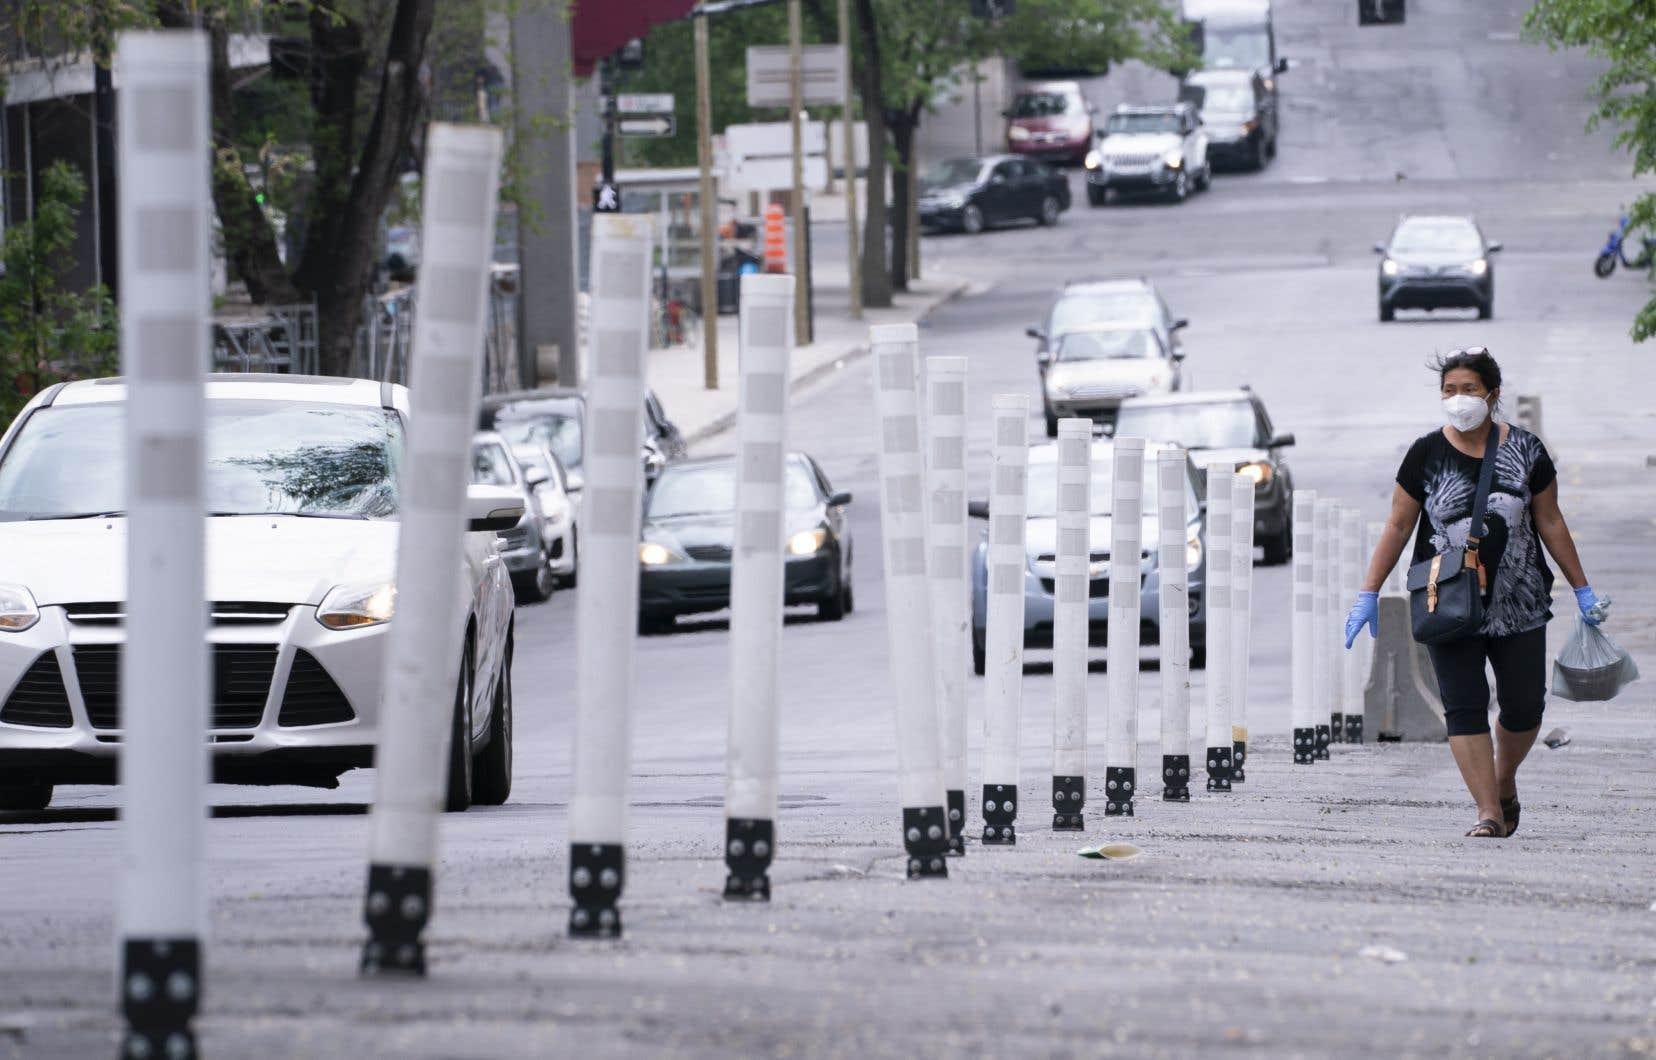 La piétonnisation d'artères commerciales permettra la distanciation physique sans nuire à l'achalandage, espère la Ville de Montréal.